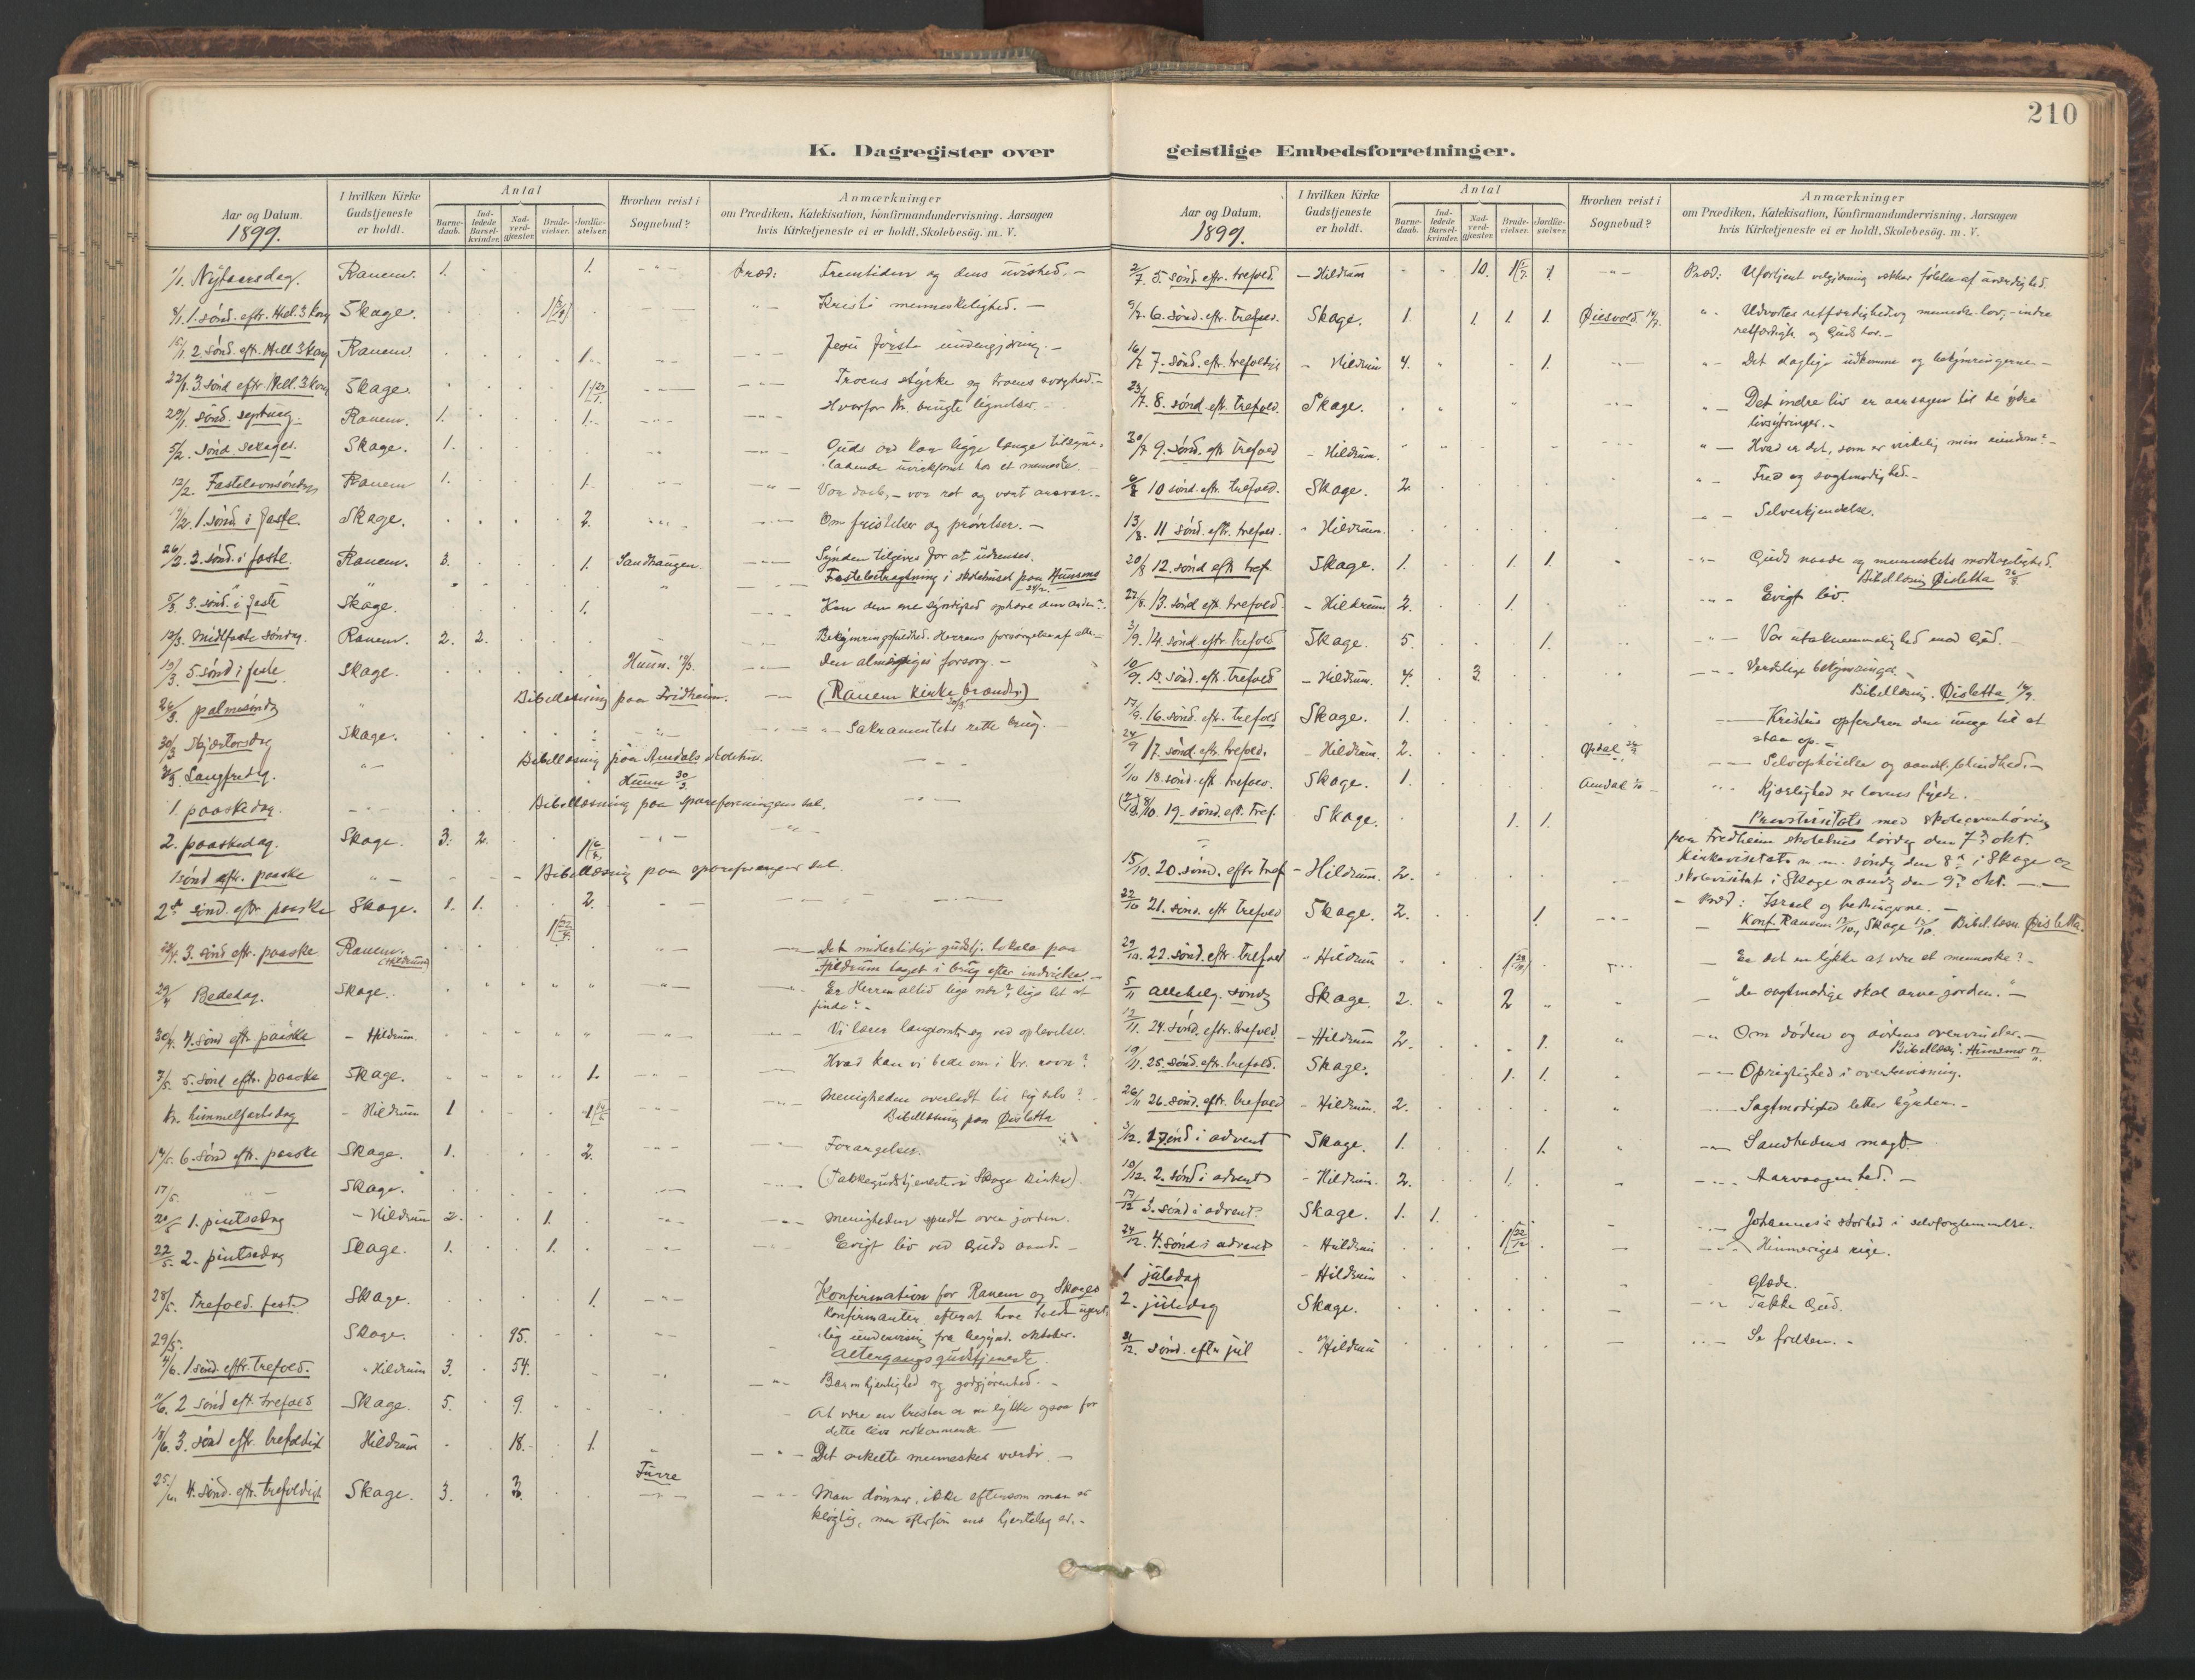 SAT, Ministerialprotokoller, klokkerbøker og fødselsregistre - Nord-Trøndelag, 764/L0556: Ministerialbok nr. 764A11, 1897-1924, s. 210